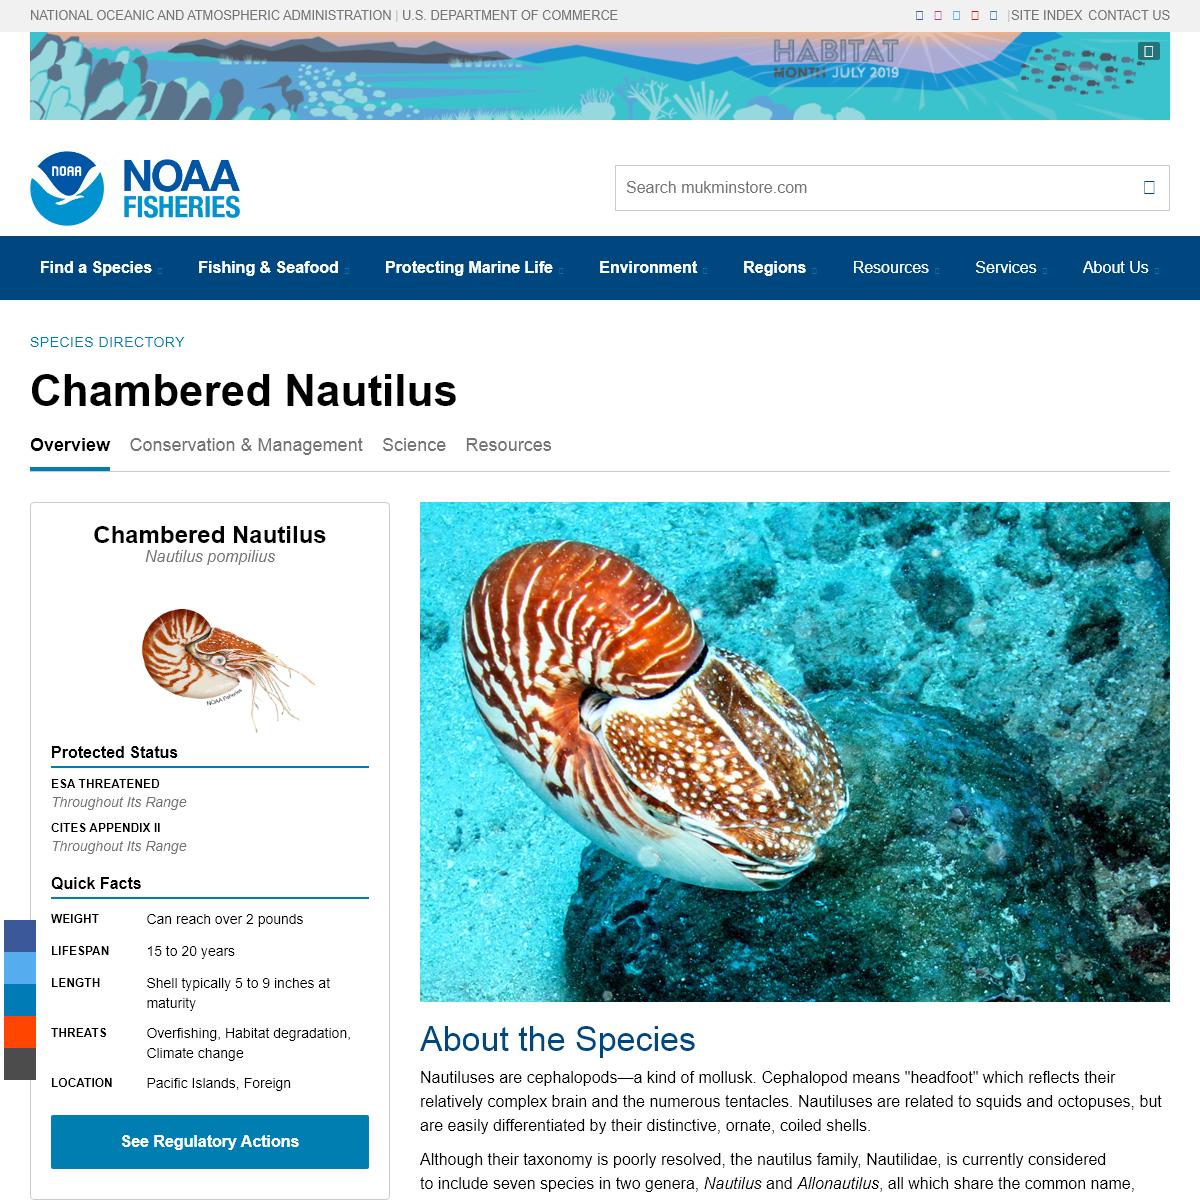 Chambered Nautilus - mukminstore Fisheries